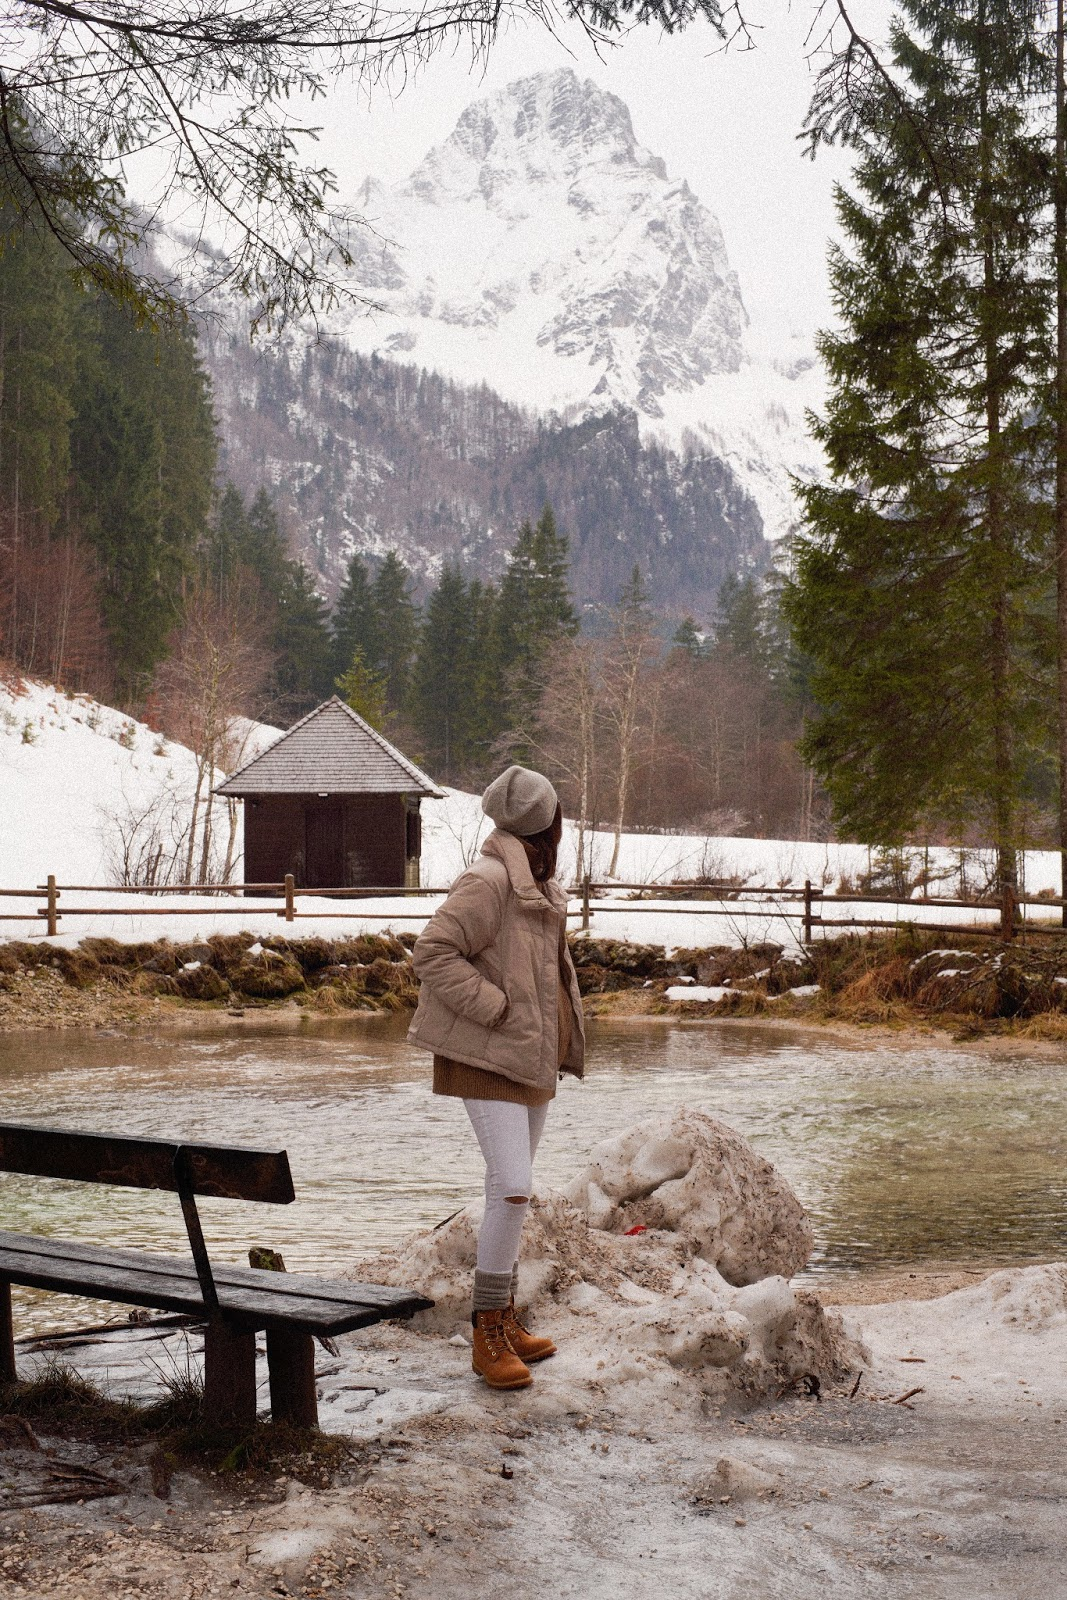 SCHIEDERWEIHER: Winterwanderung in Hinterstoder